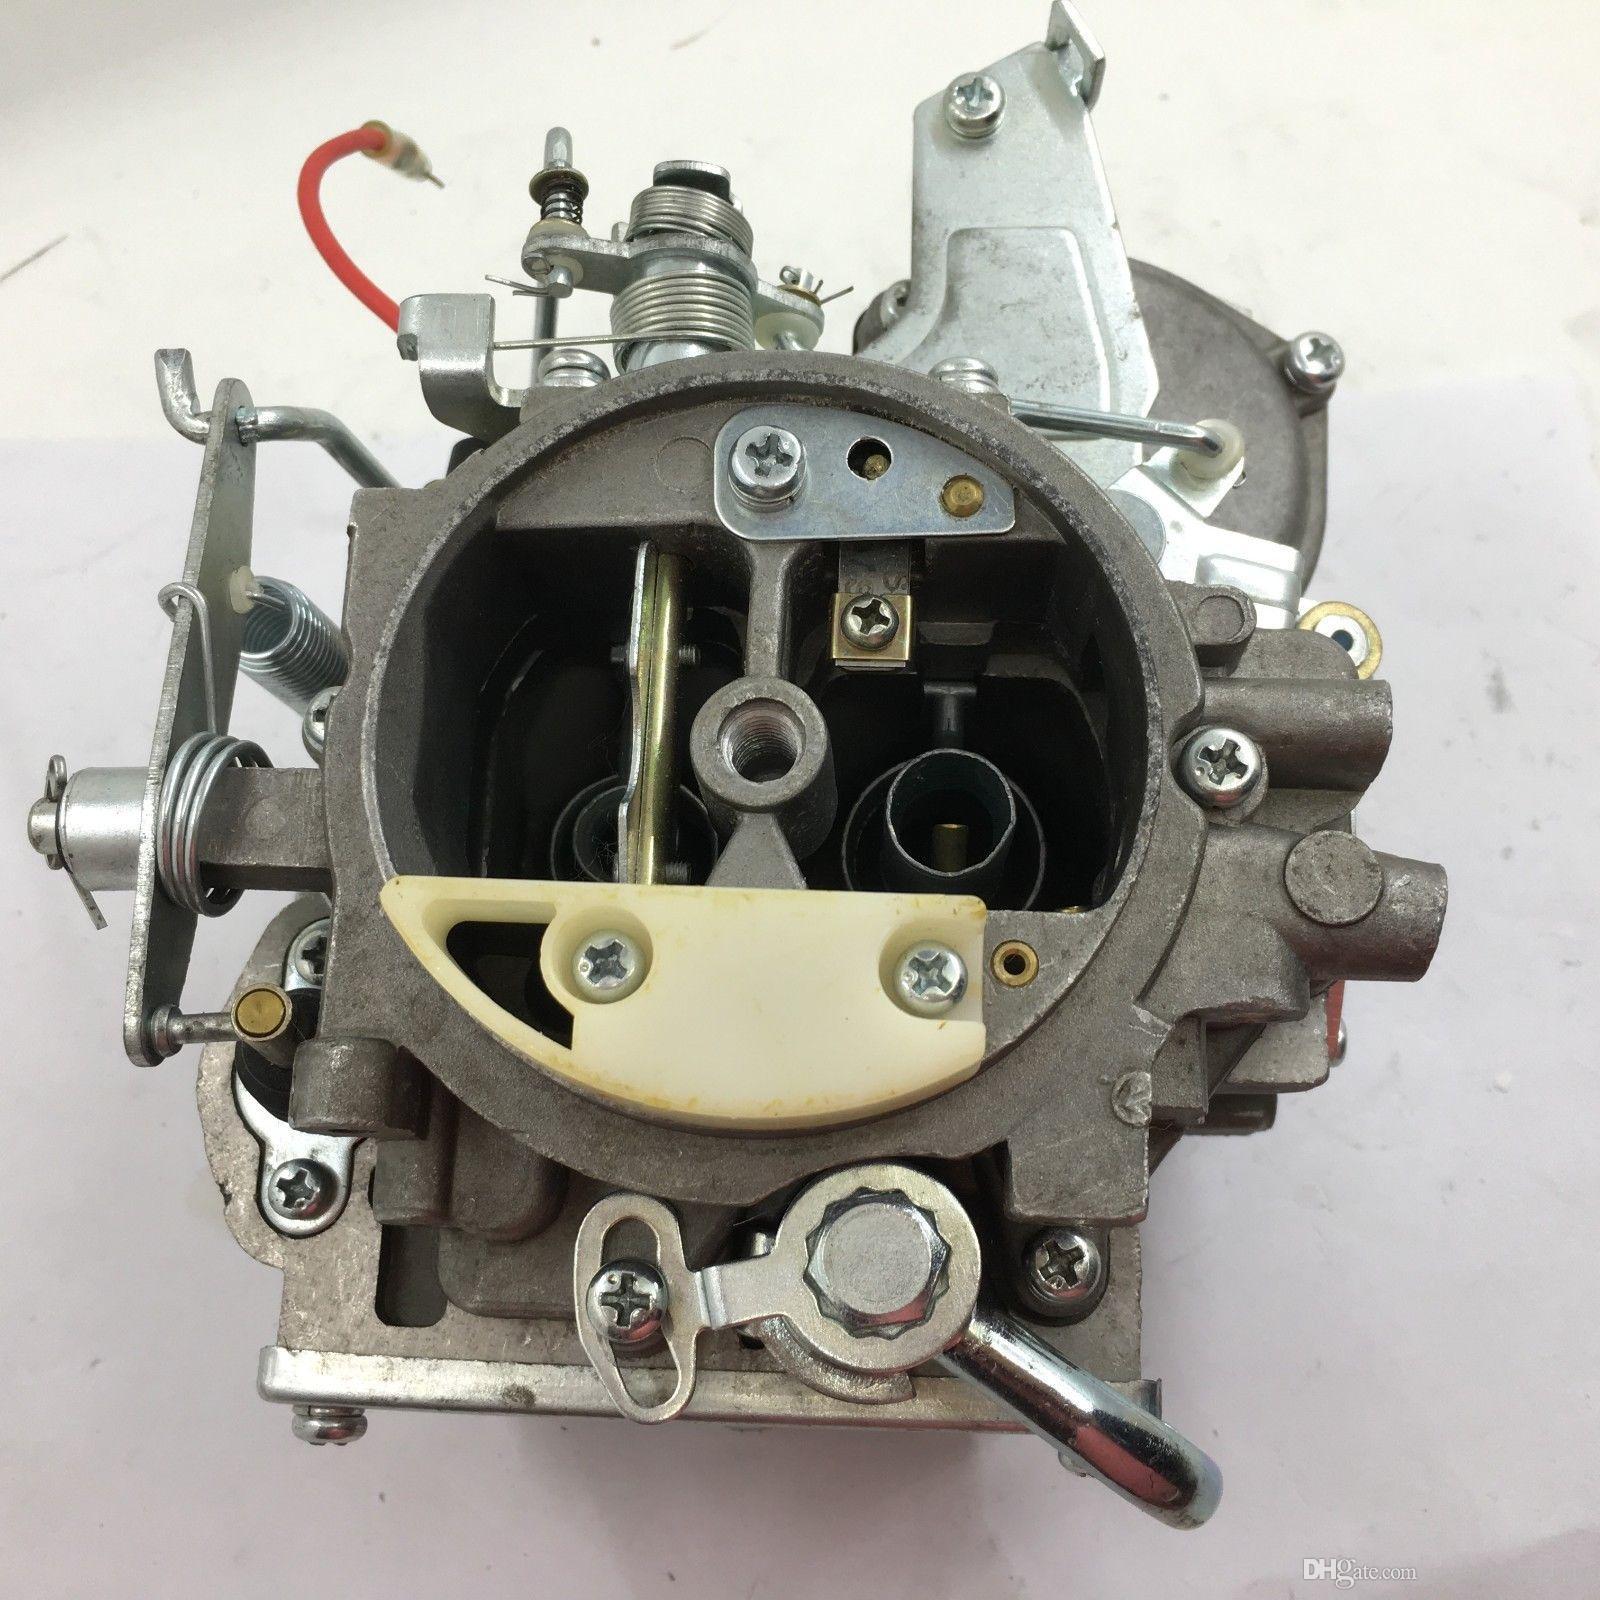 Replace Carby Carb Carburetor Fit For Nissan on Z24 Carburetor Online